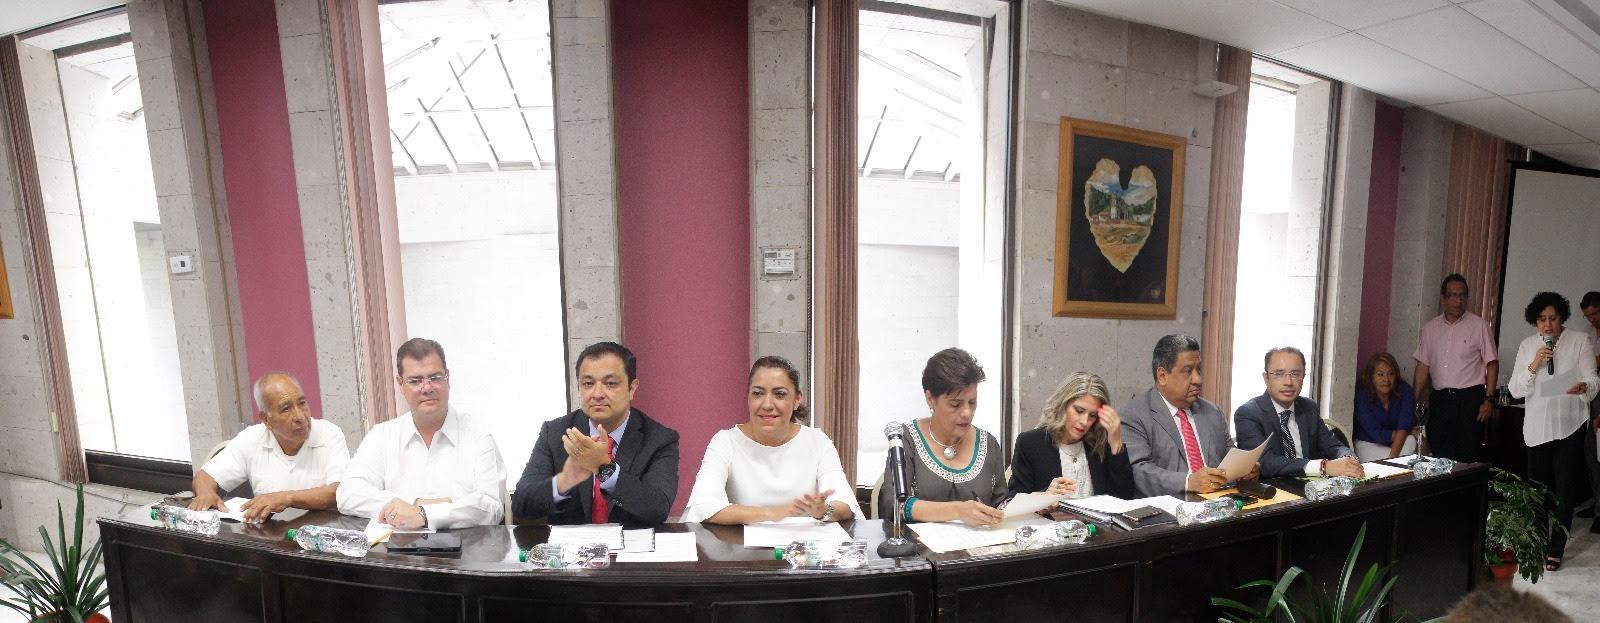 Cumplir con medidas de AVG es acto de justicia para las mujeres: diputadas de GLPAN